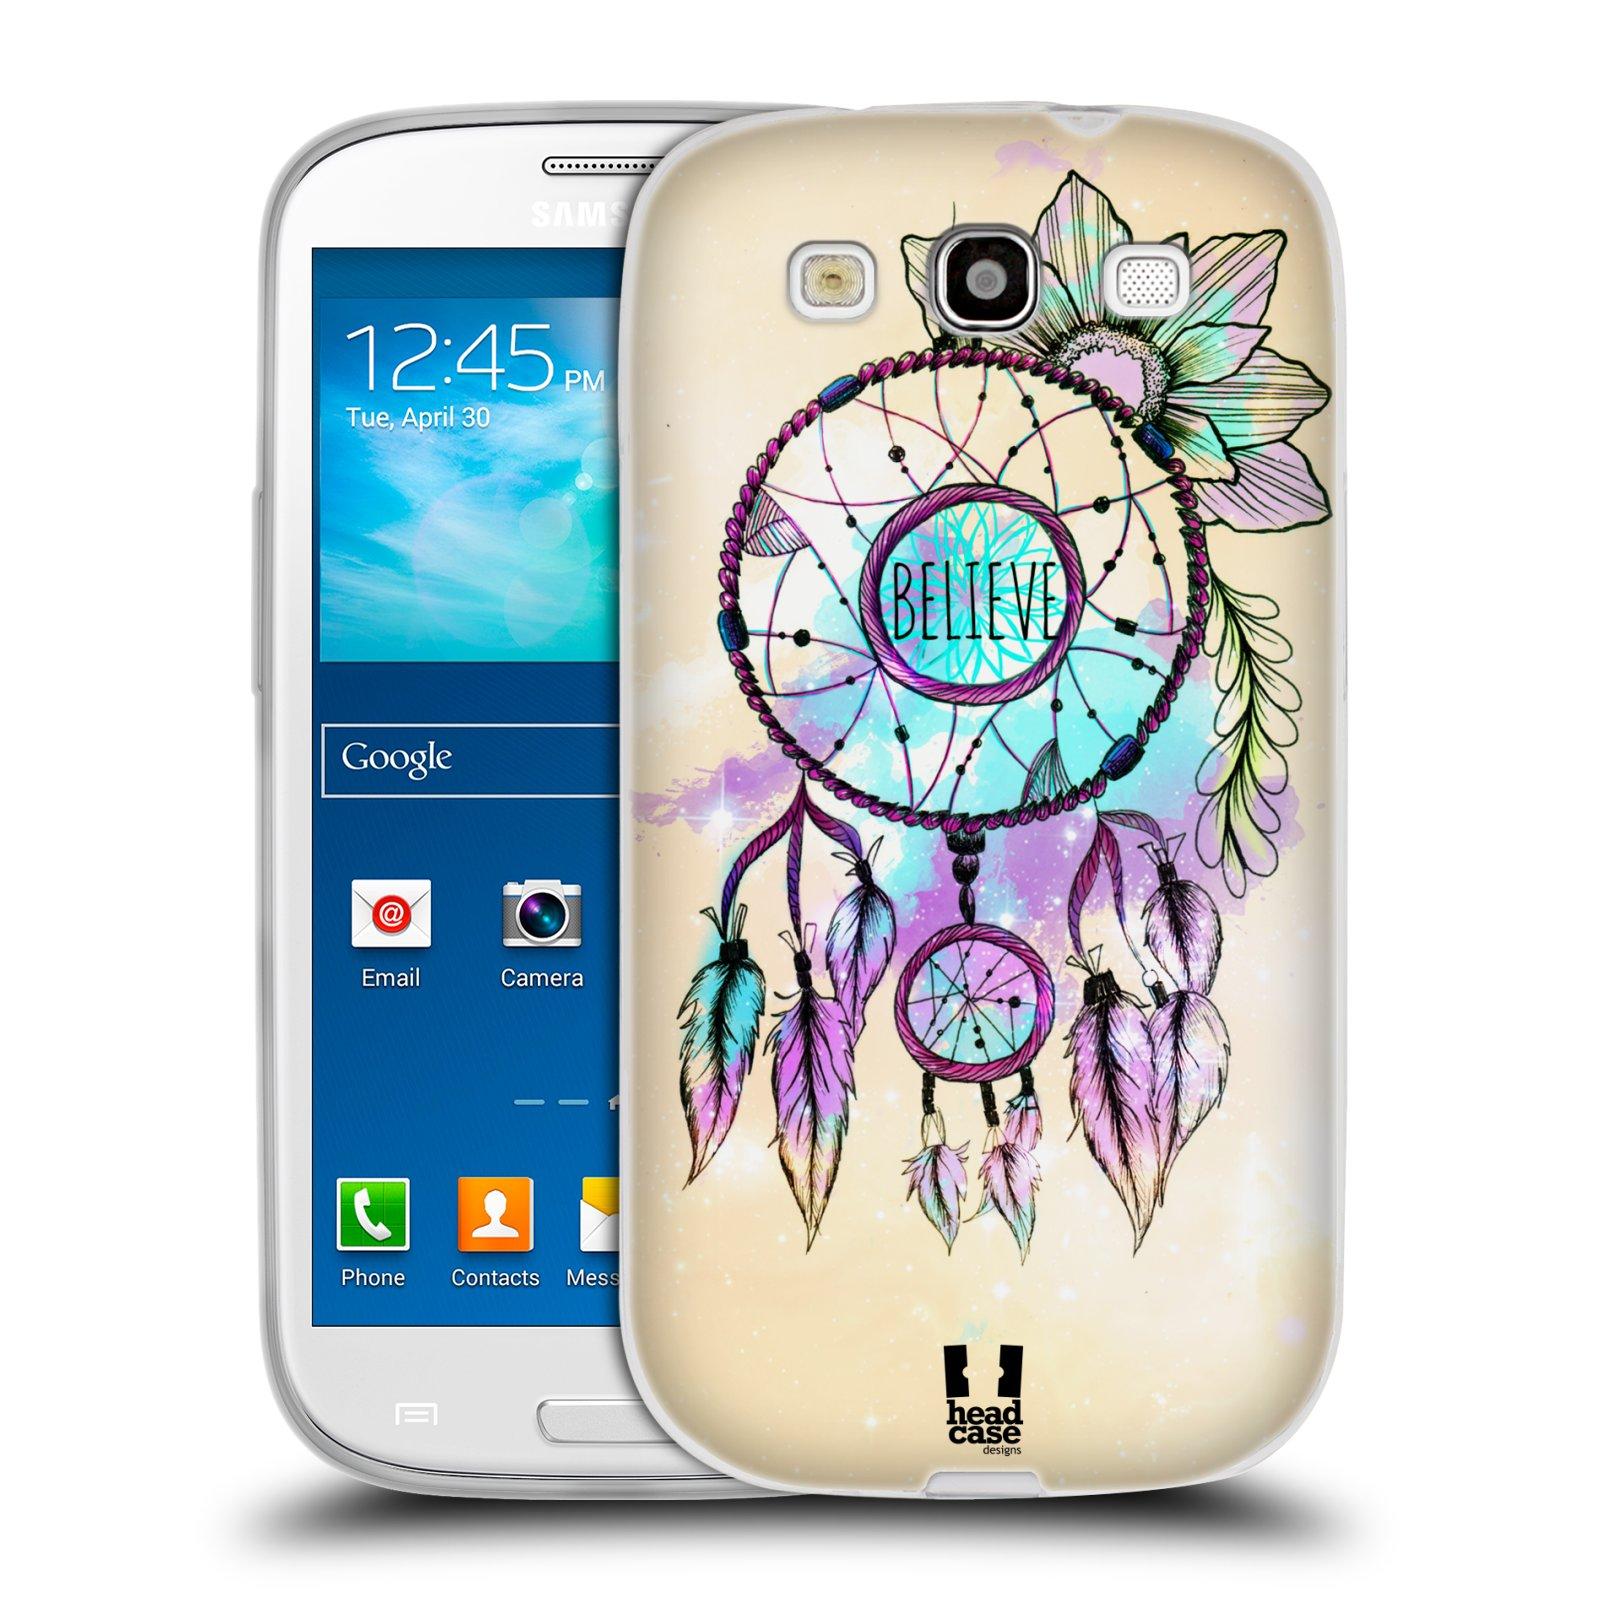 Silikonové pouzdro na mobil Samsung Galaxy S3 Neo HEAD CASE MIX BELIEVE (Silikonový kryt či obal na mobilní telefon Samsung Galaxy S3 Neo GT-i9301i)